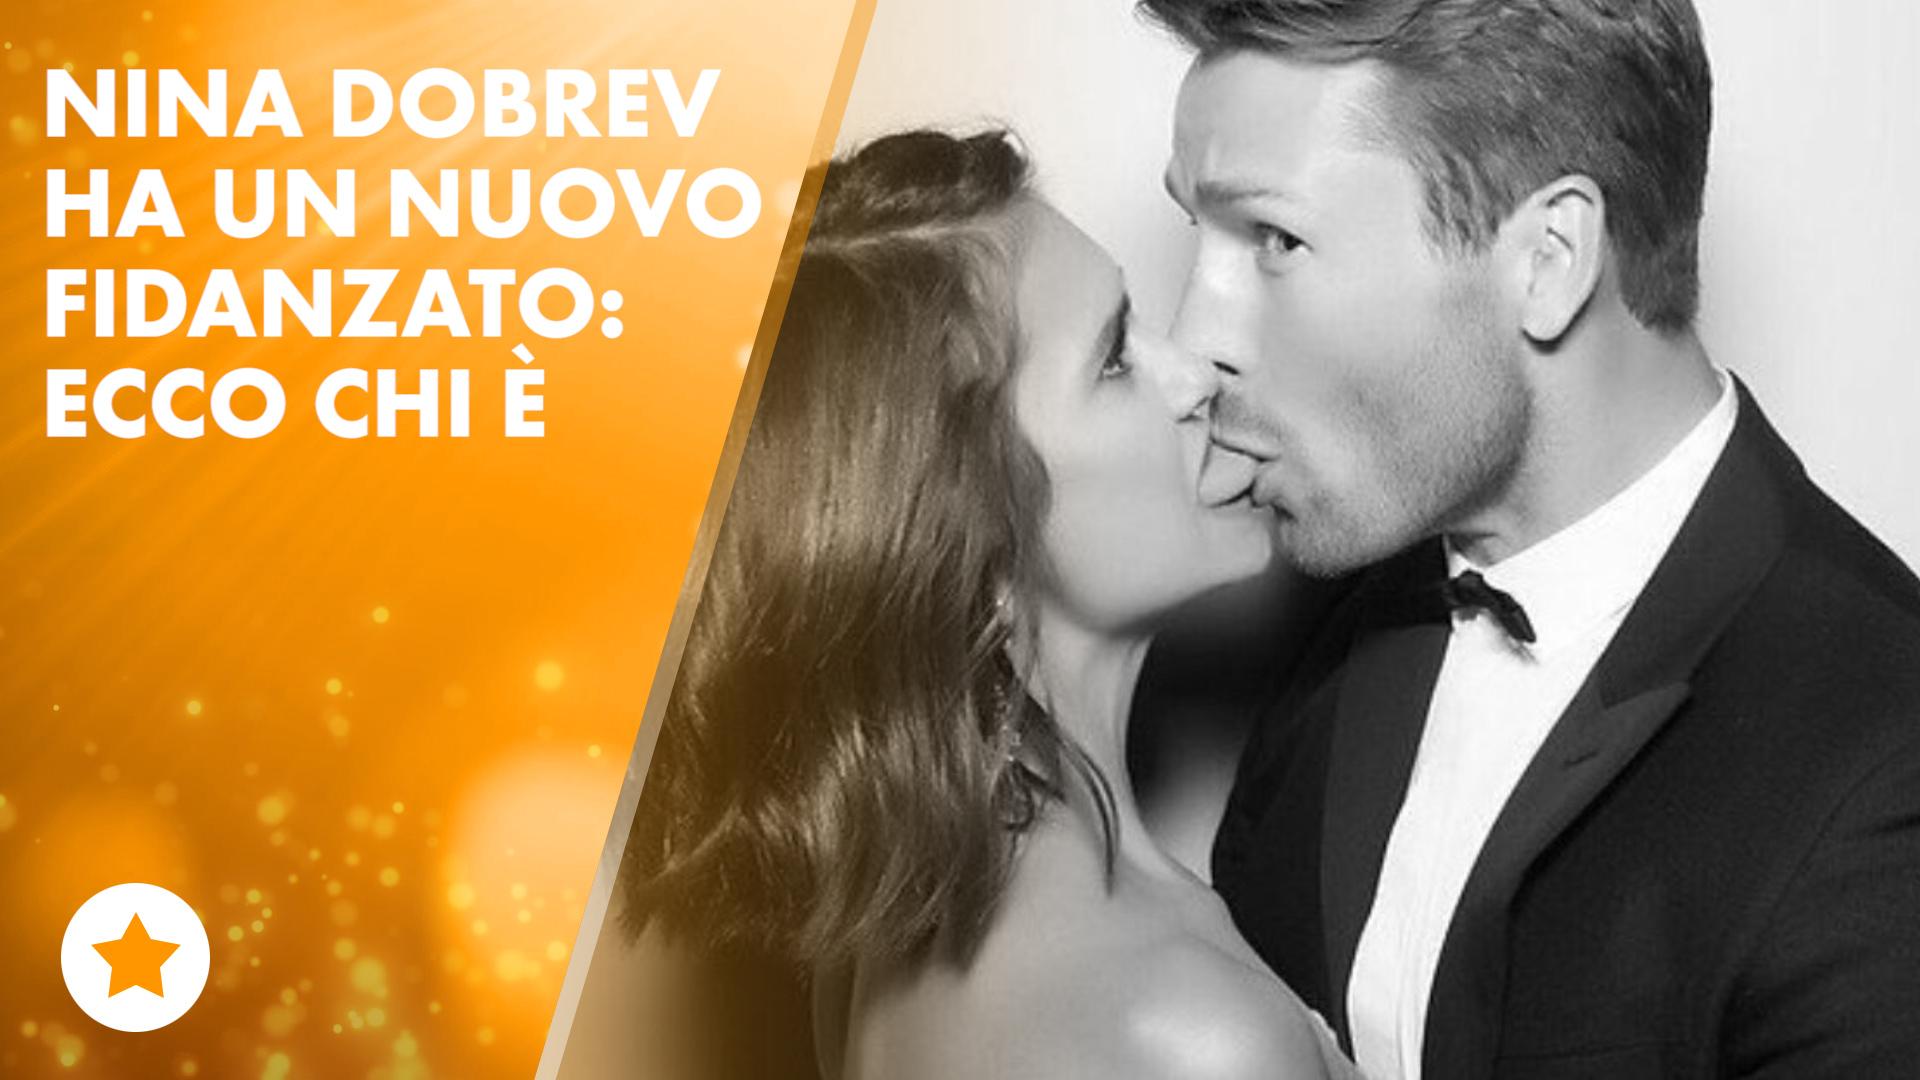 Ecco chi e' il nuovo fidanzato di Nina Dobrev